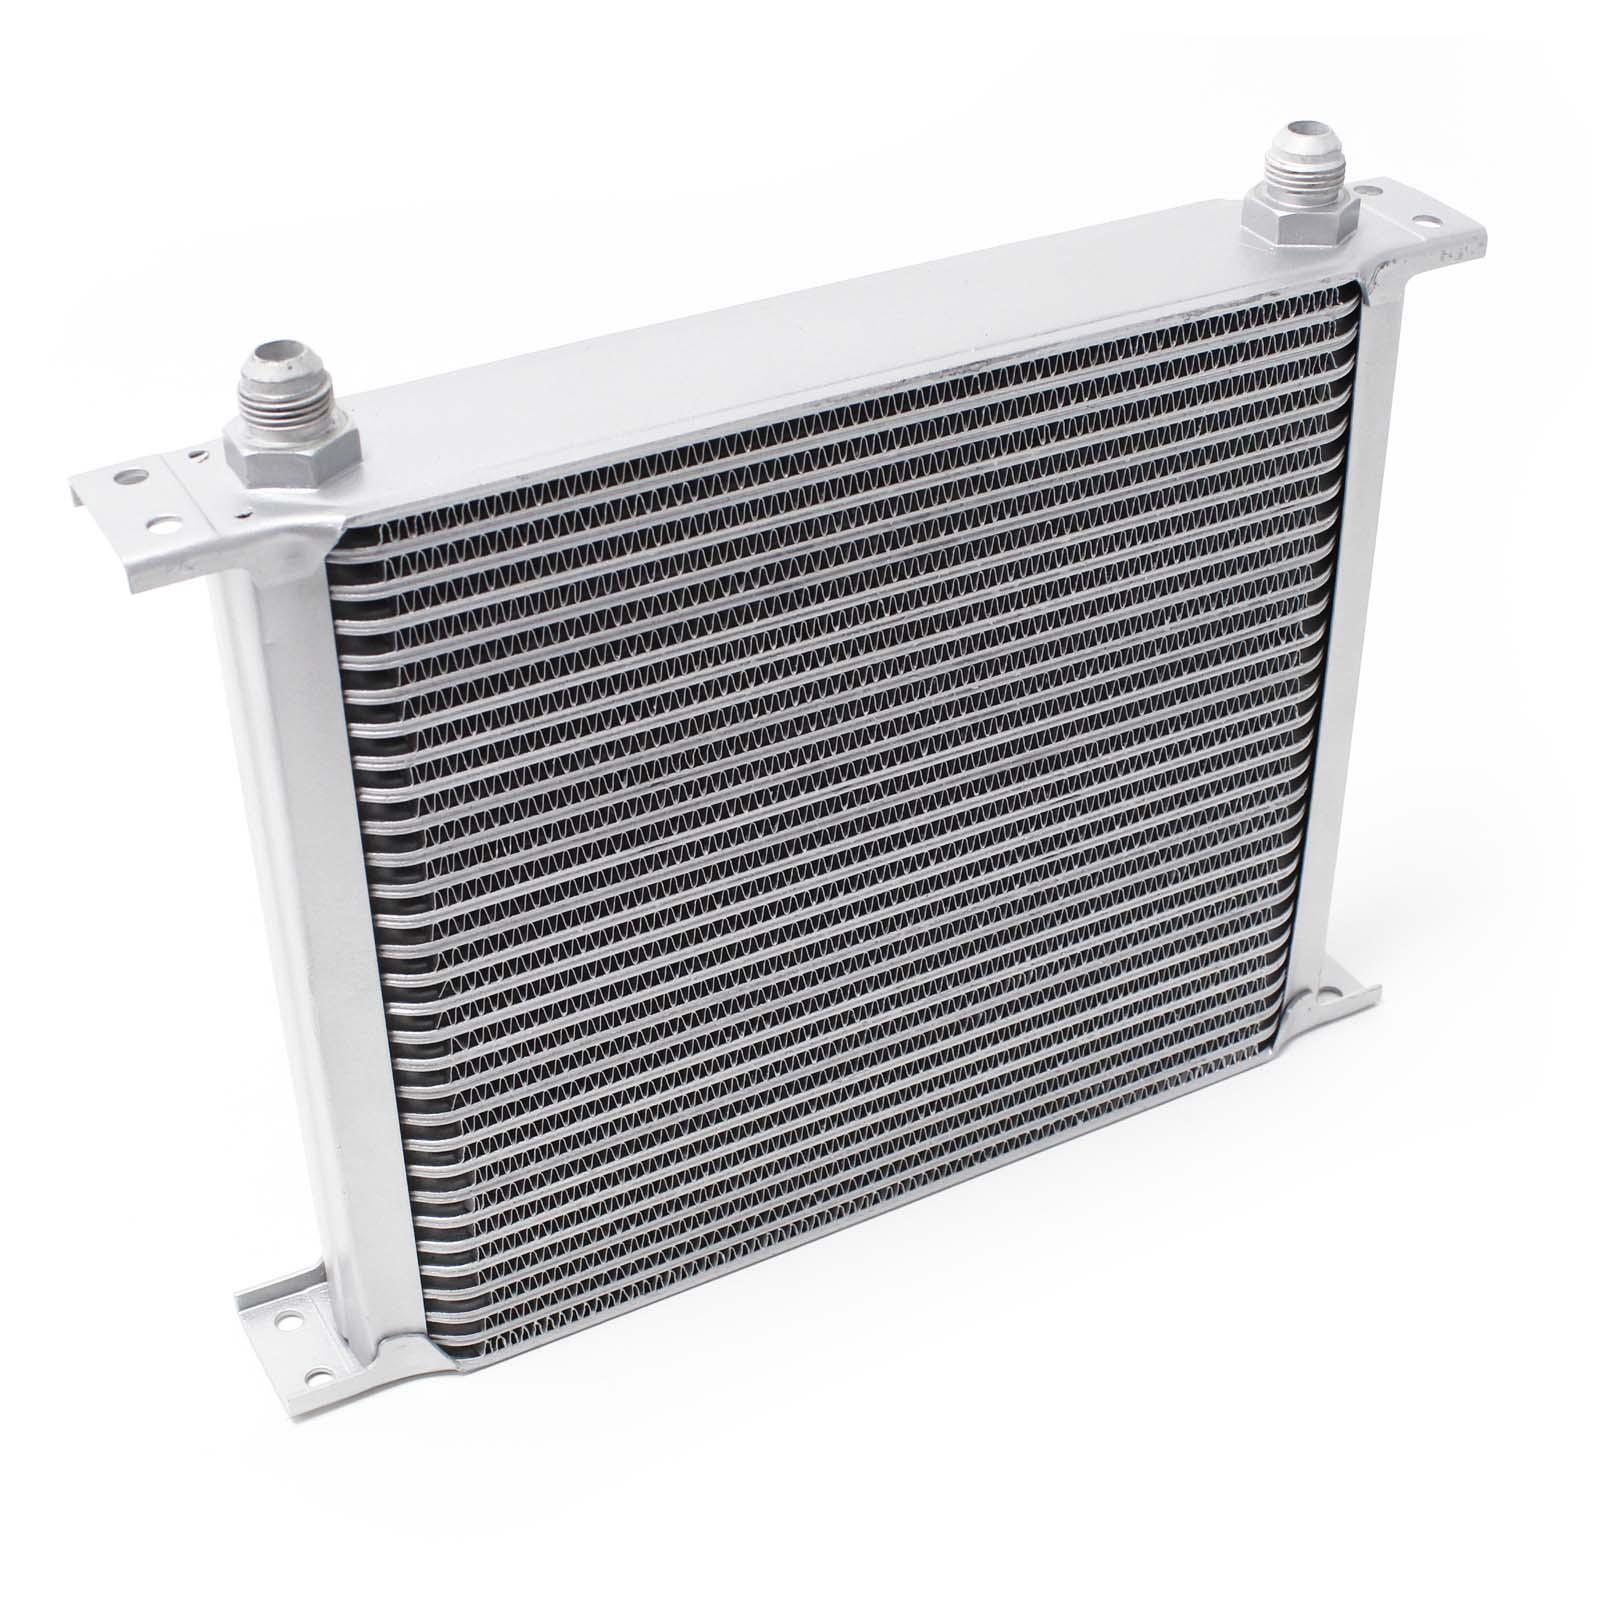 Ölkühler 30 Reihen Öl-Kühler Alu Kühlung Oil Cooler NEU